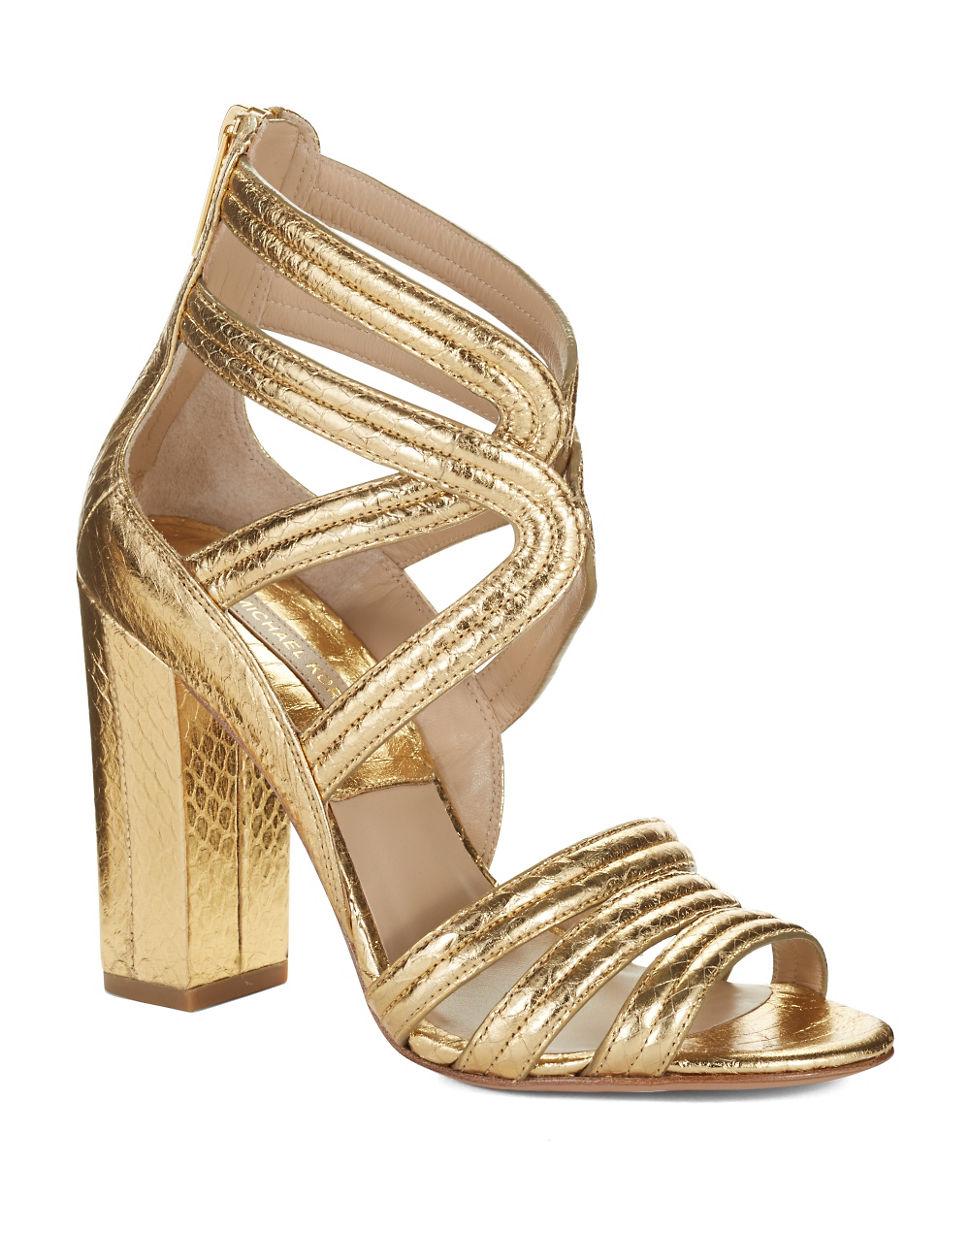 michael kors sandals gold - 28 images - michael michael ...